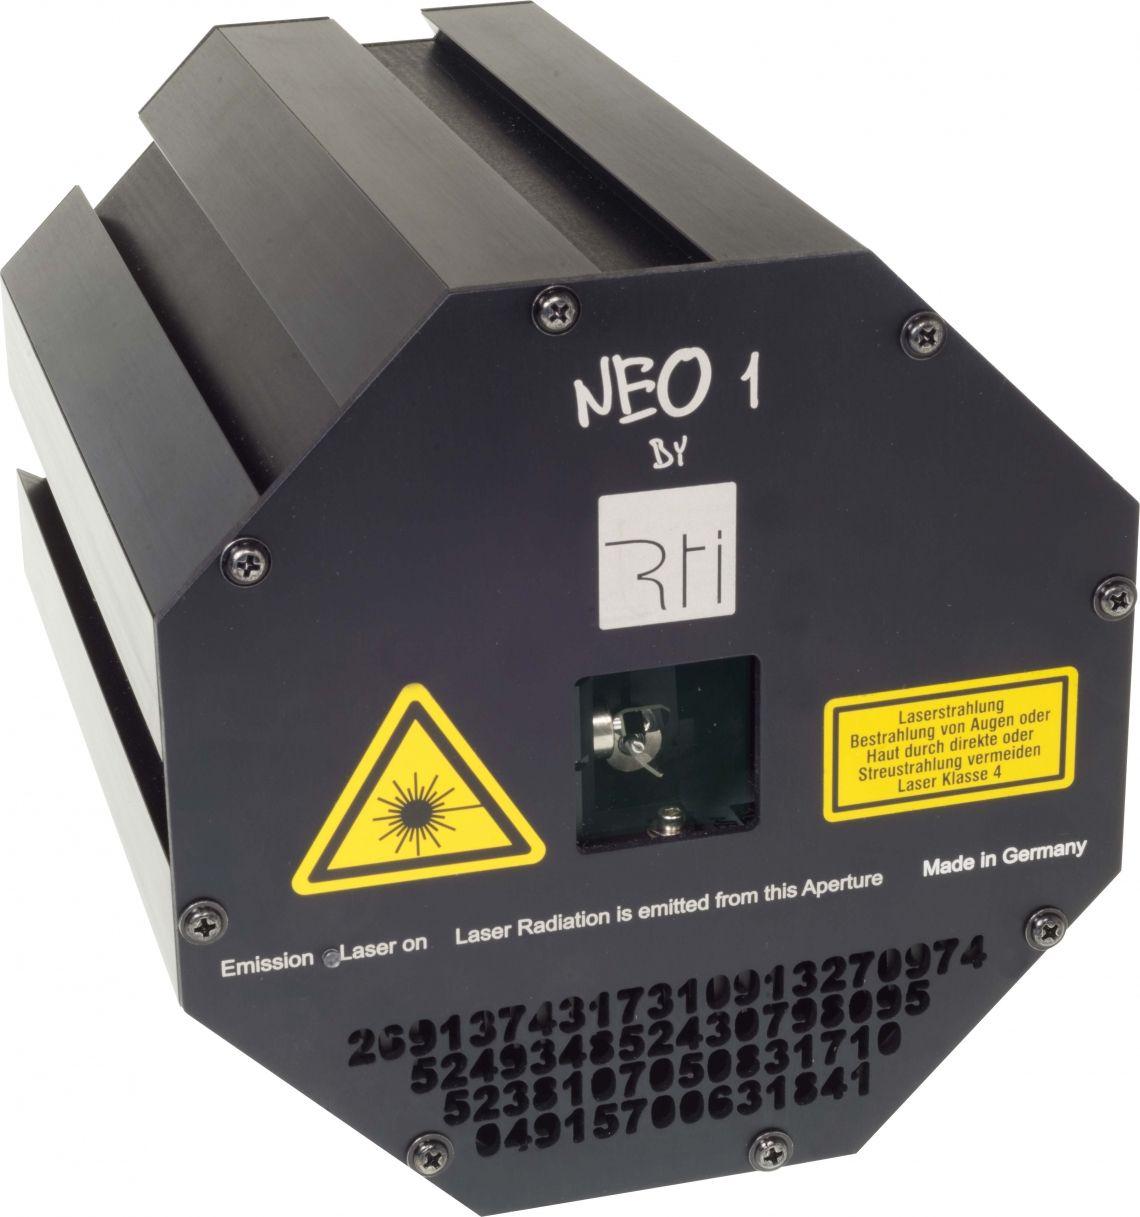 Modulare RTI NEO ONE Lasersysteme vorgestellt